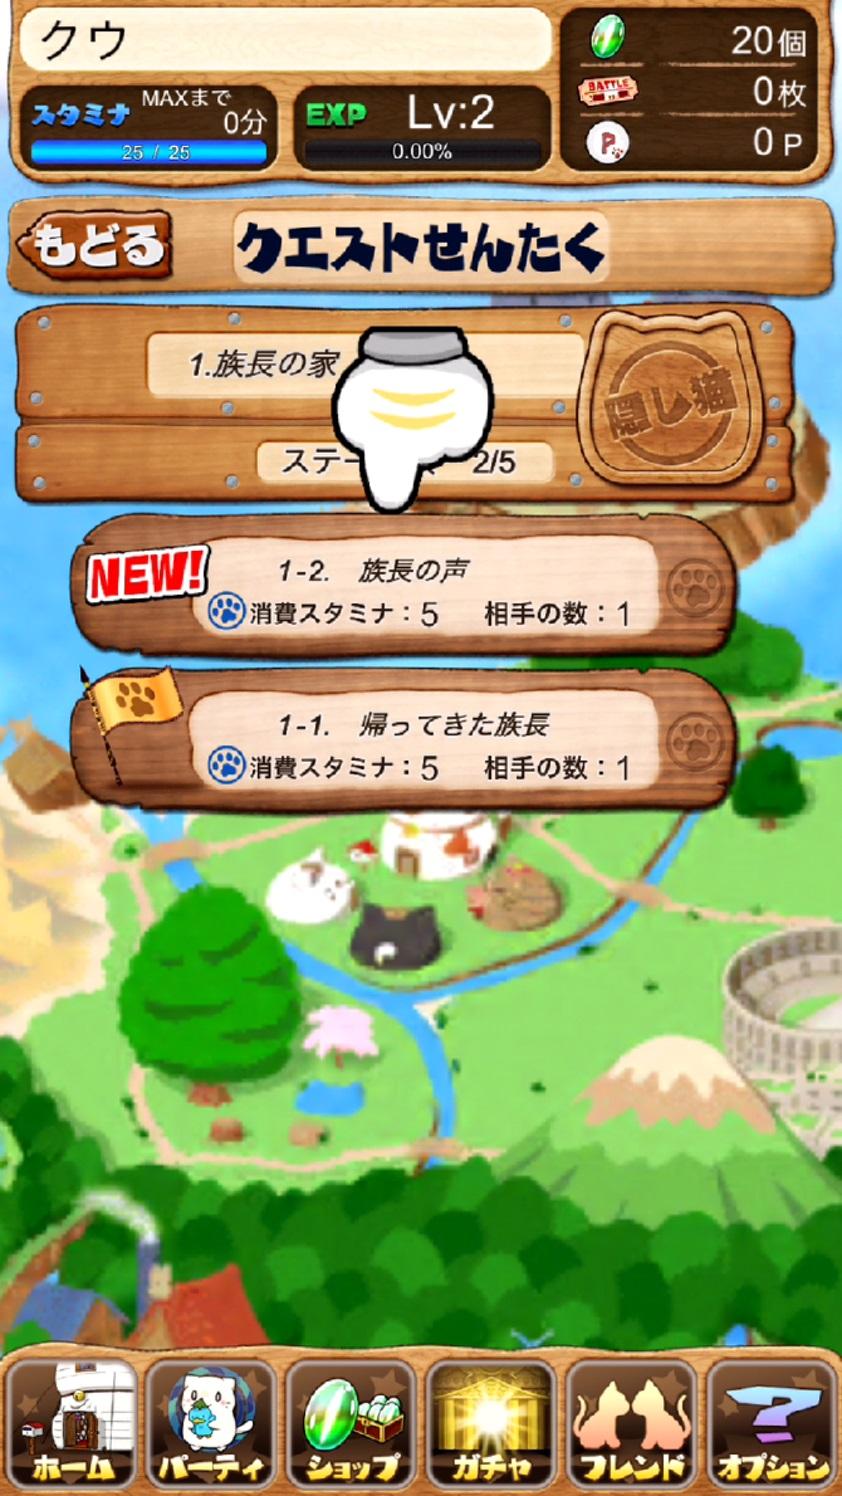 androidアプリ にゃんこ島 スマッシュバトル攻略スクリーンショット4